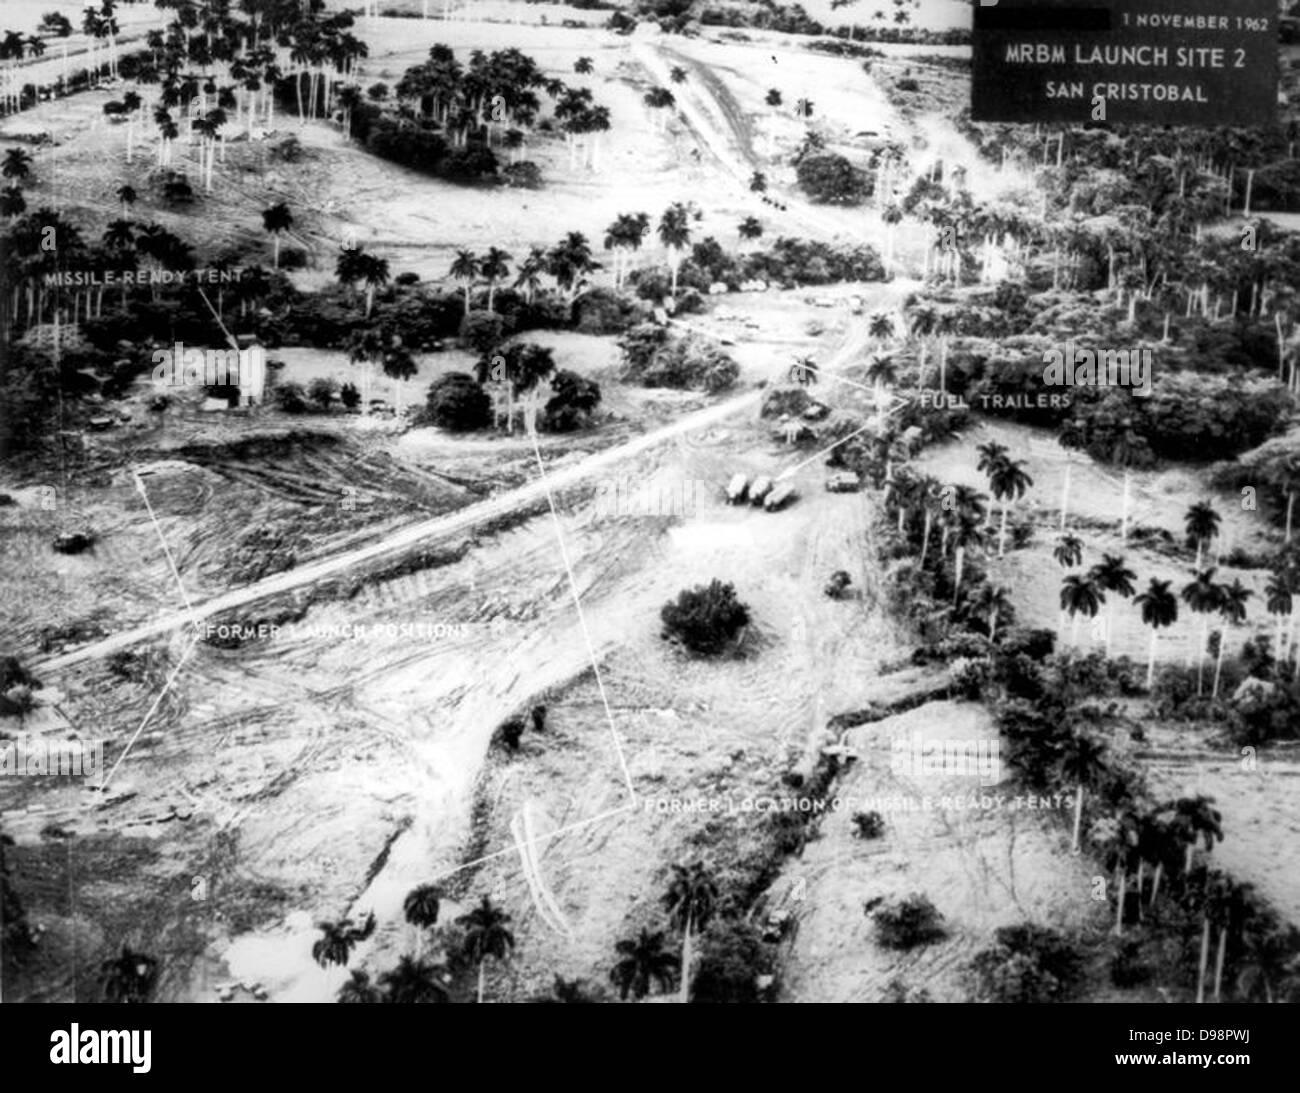 Kalter Krieg: Kubanische Flugkrise. Luftaufnahme der russische ballistische Mittelstreckenrakete Startplatz 2, San Stockbild